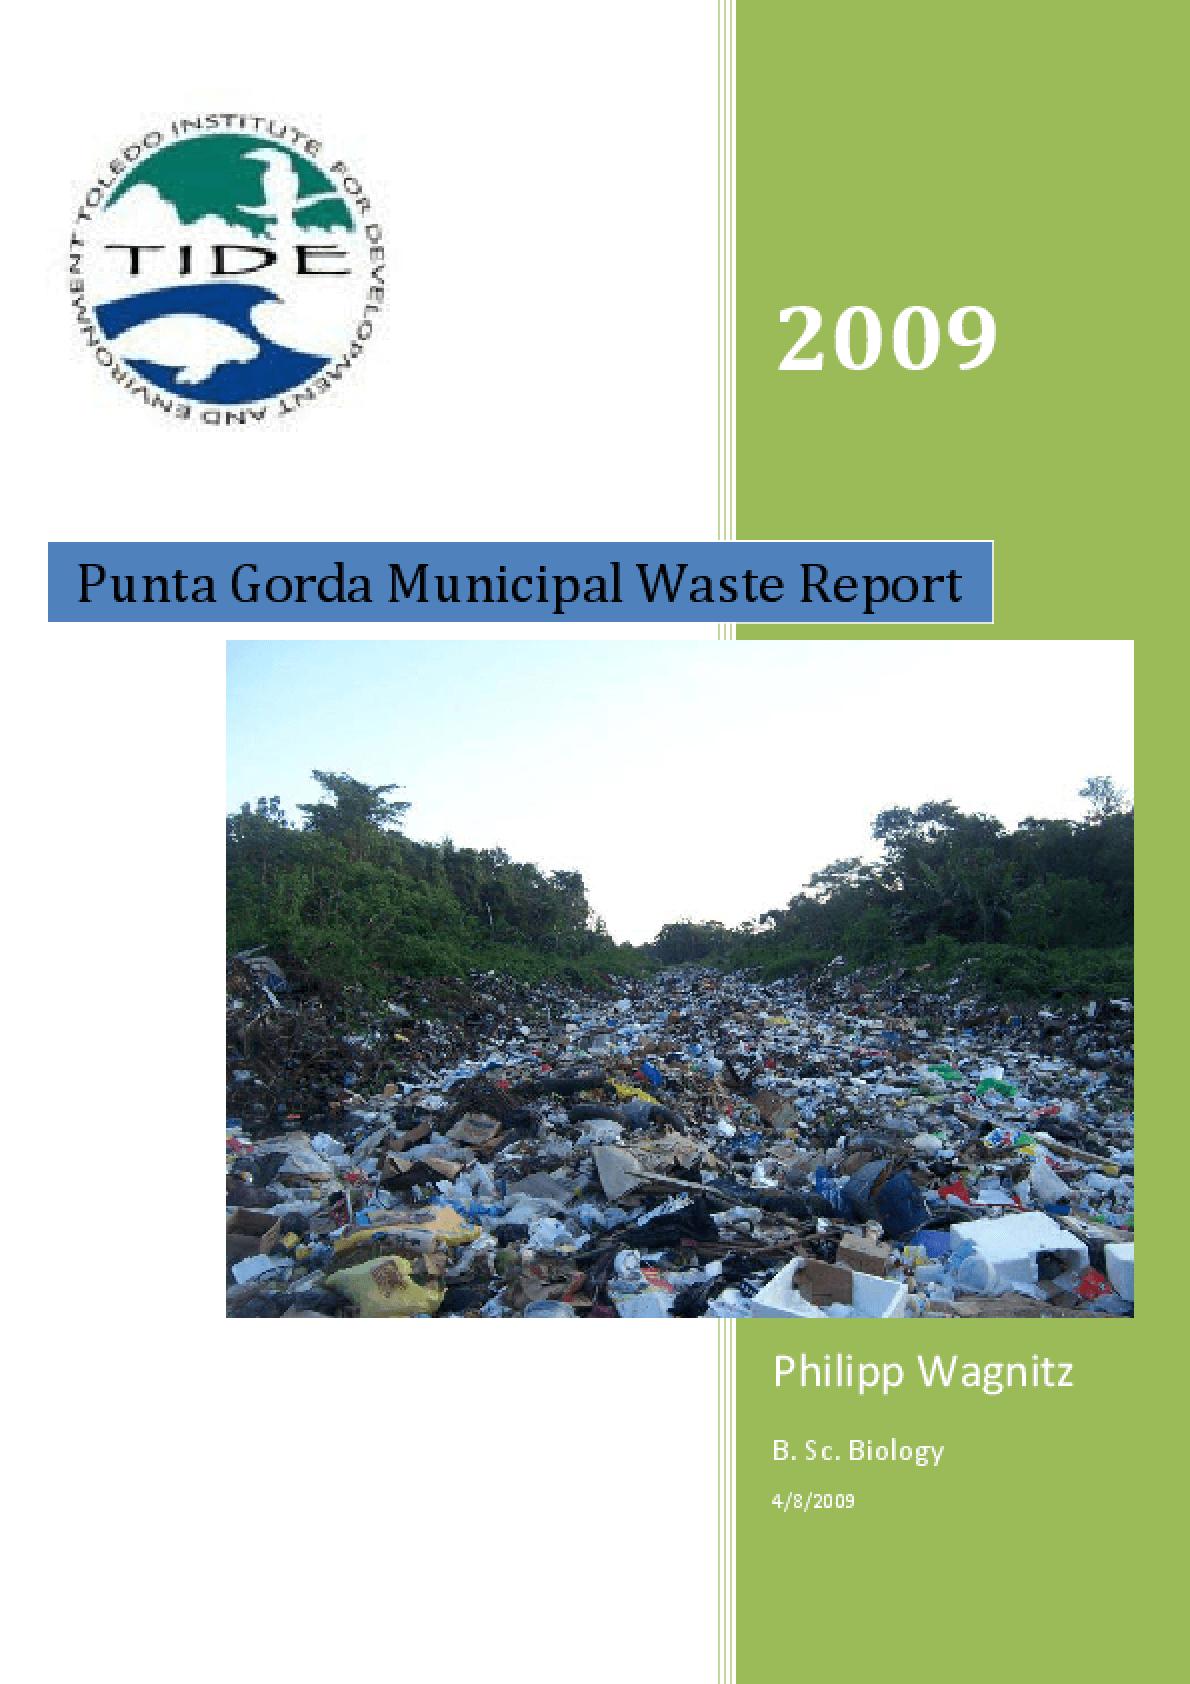 Punta Gorda Municipal Waste Report